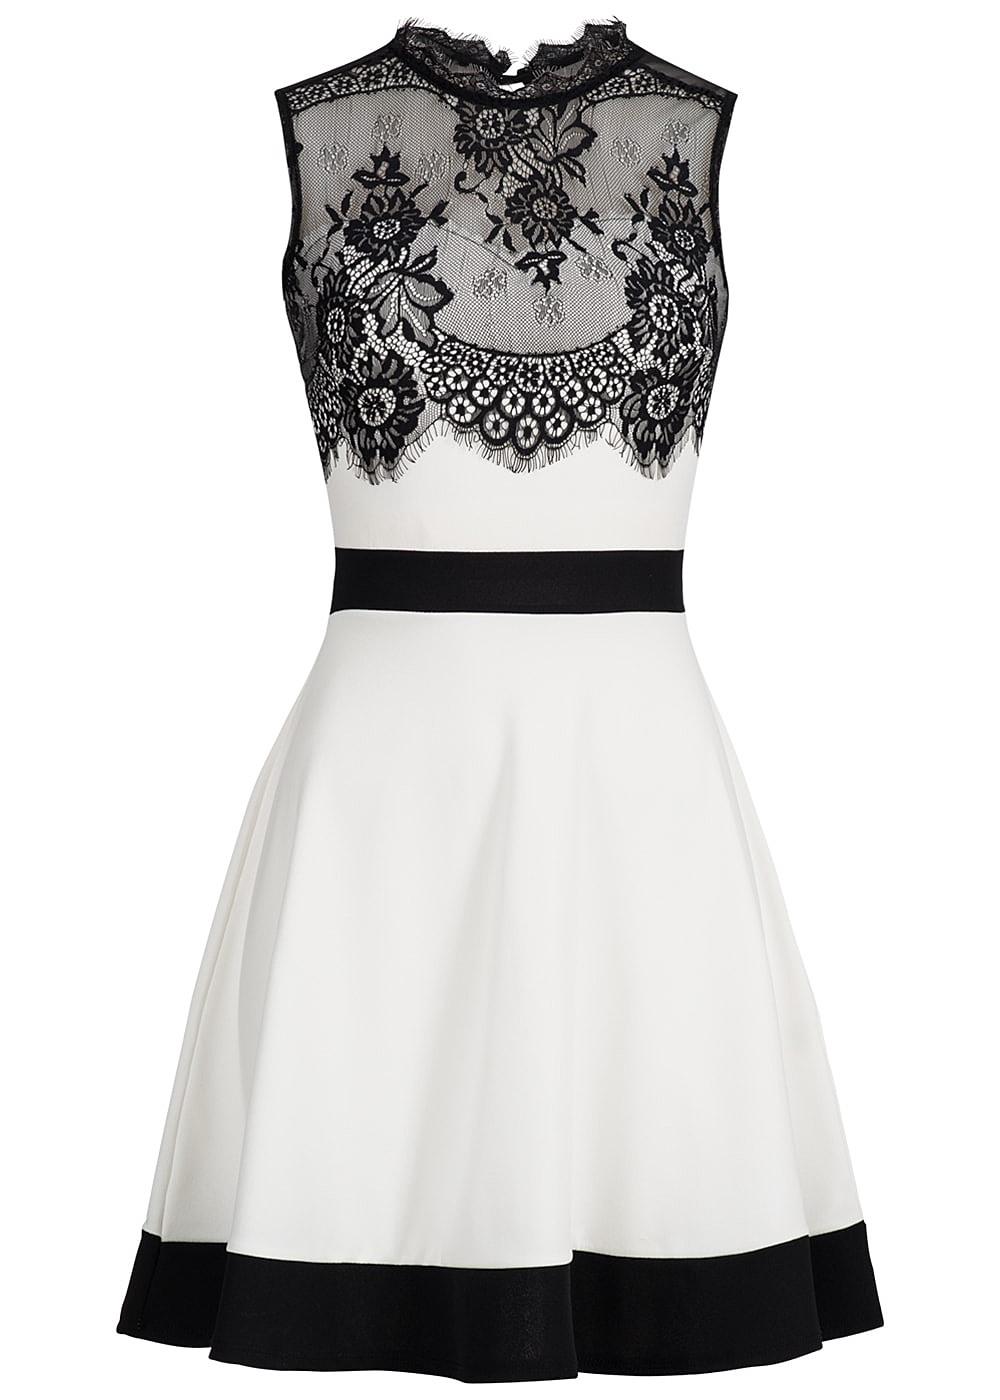 10 Großartig Kleider In Schwarz Weiß VertriebAbend Cool Kleider In Schwarz Weiß Stylish